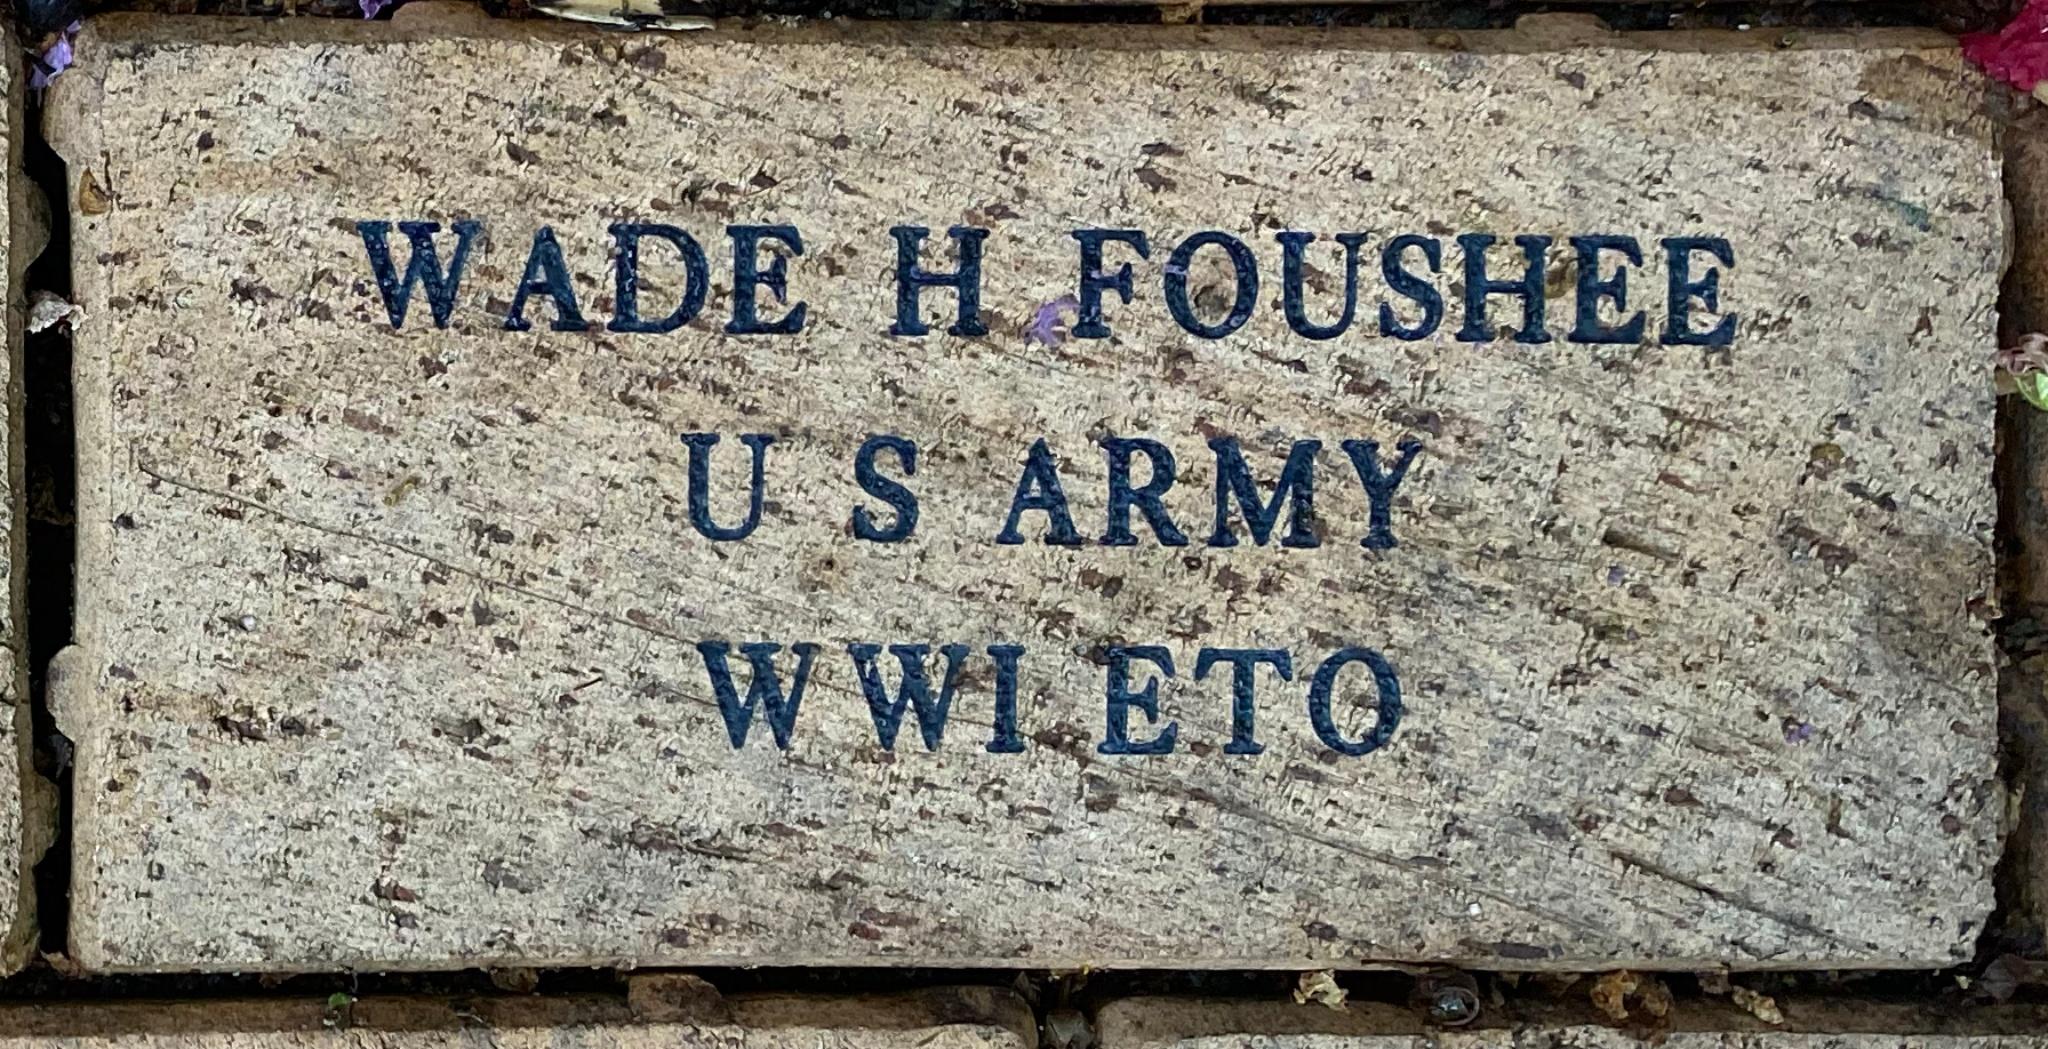 WADE H FOUSHEE U S ARMY WWI ETO